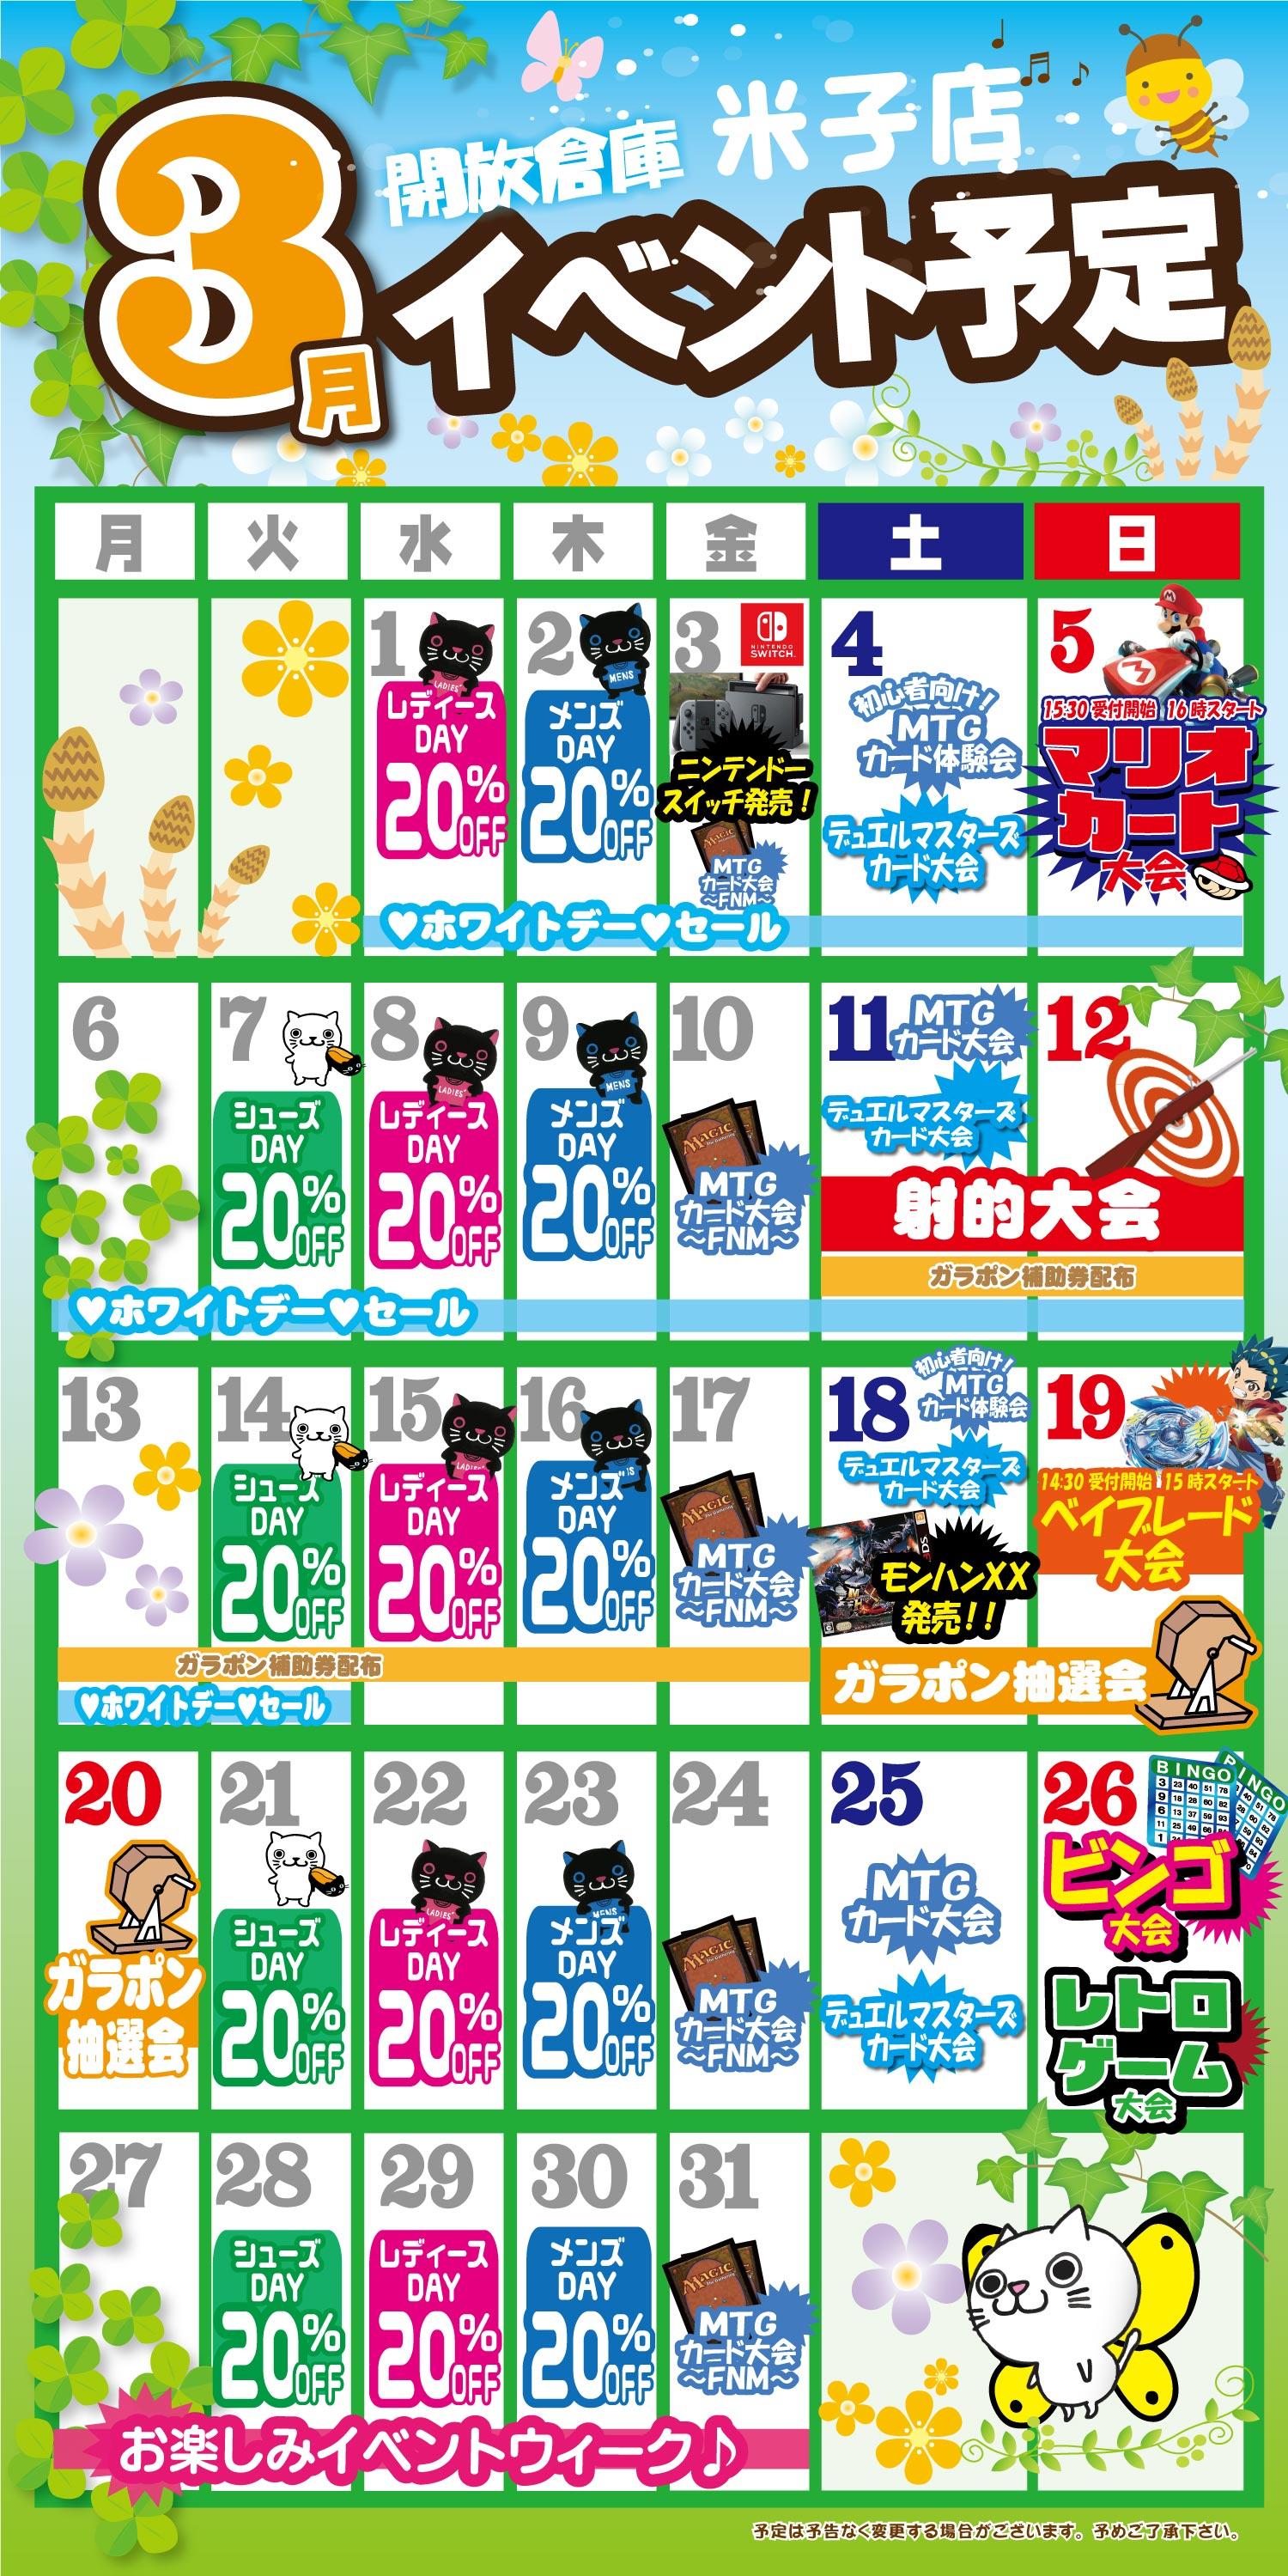 「開放倉庫米子店」2017年3月のイベント予定表を更新しました!